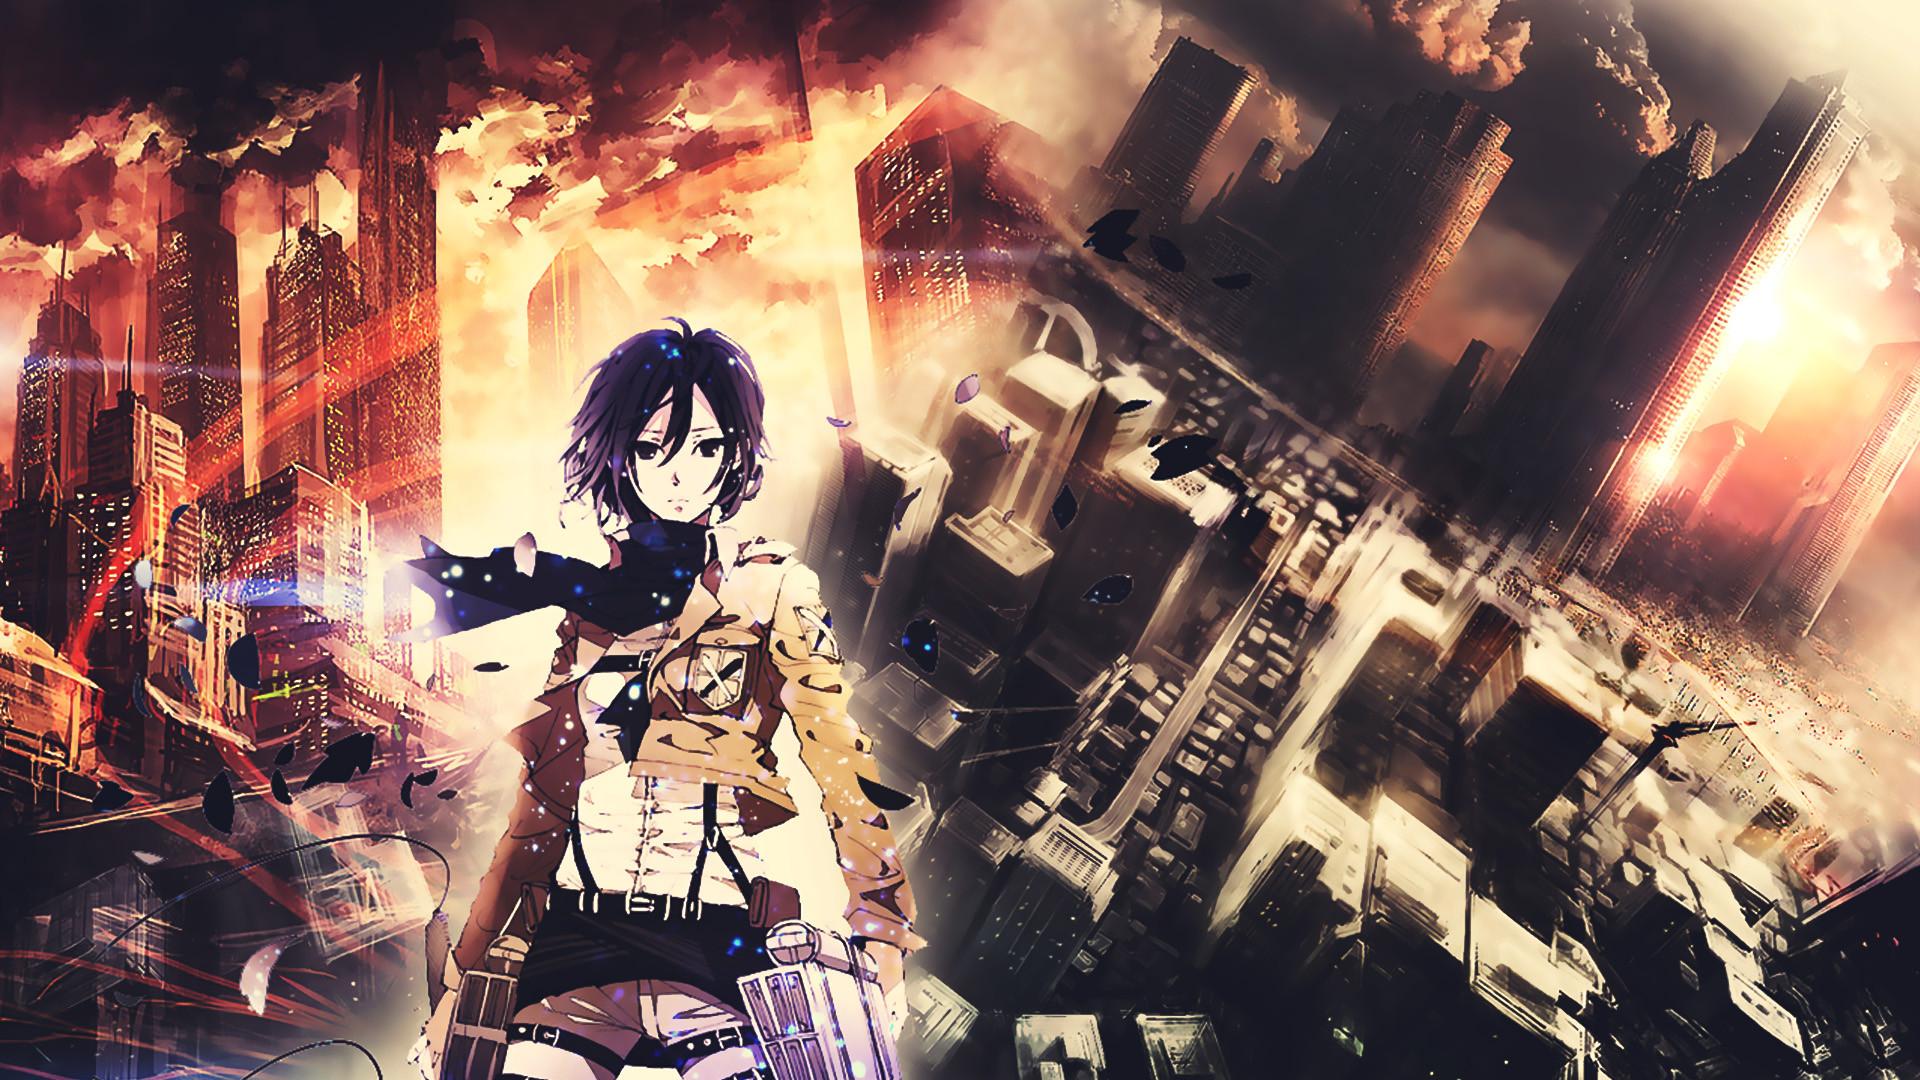 Shingeki No Kyojin Attack On Titan Original Soundtrack Mp3 Download Shingeki No Kyojin Attack On Titan Original Soundtrack Soundtracks For Free